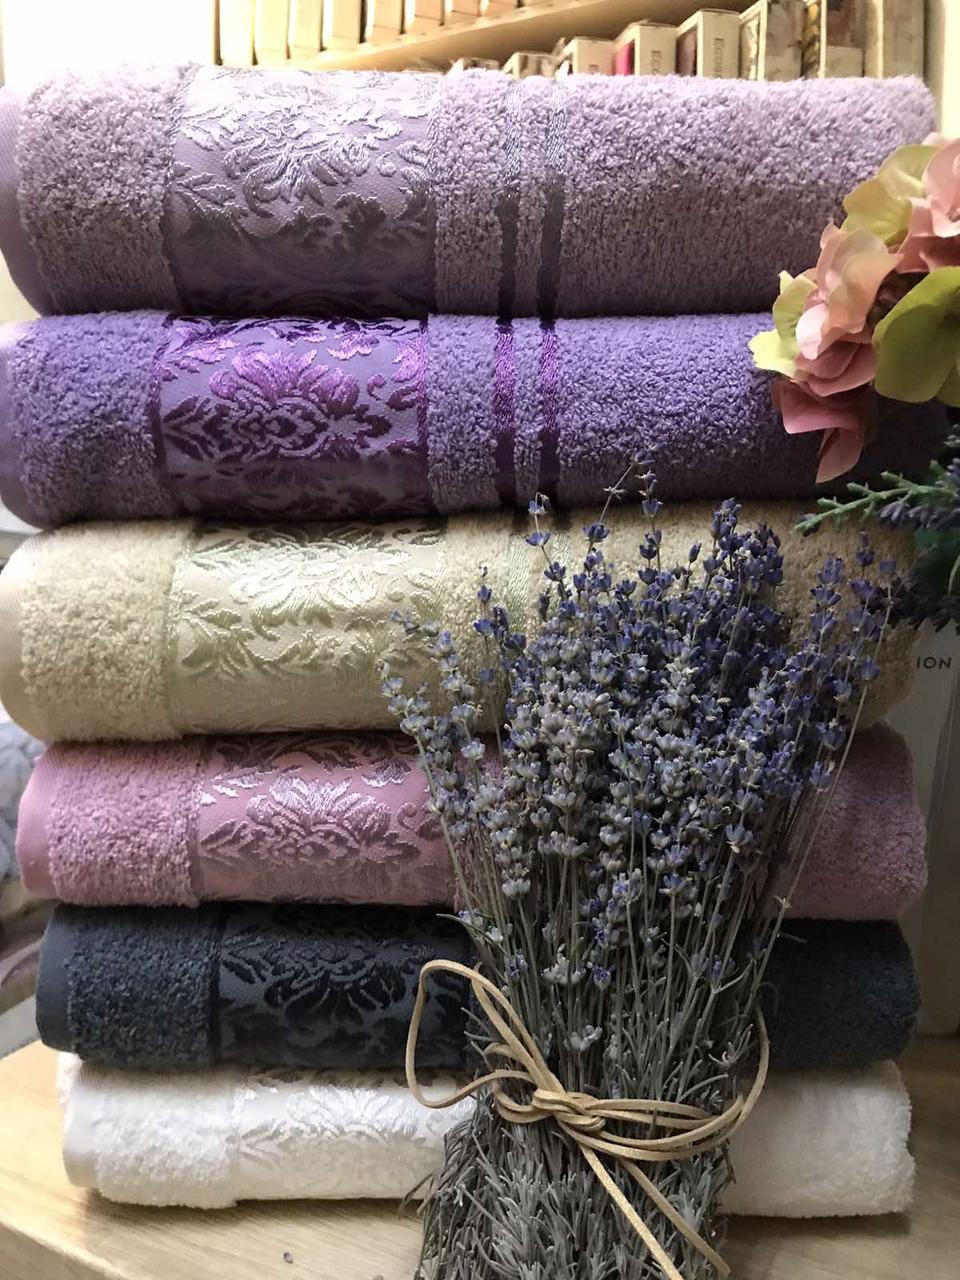 Махровые полотенца для лица в упаковке 6 штук 50 на 90 см Турция Soft Life